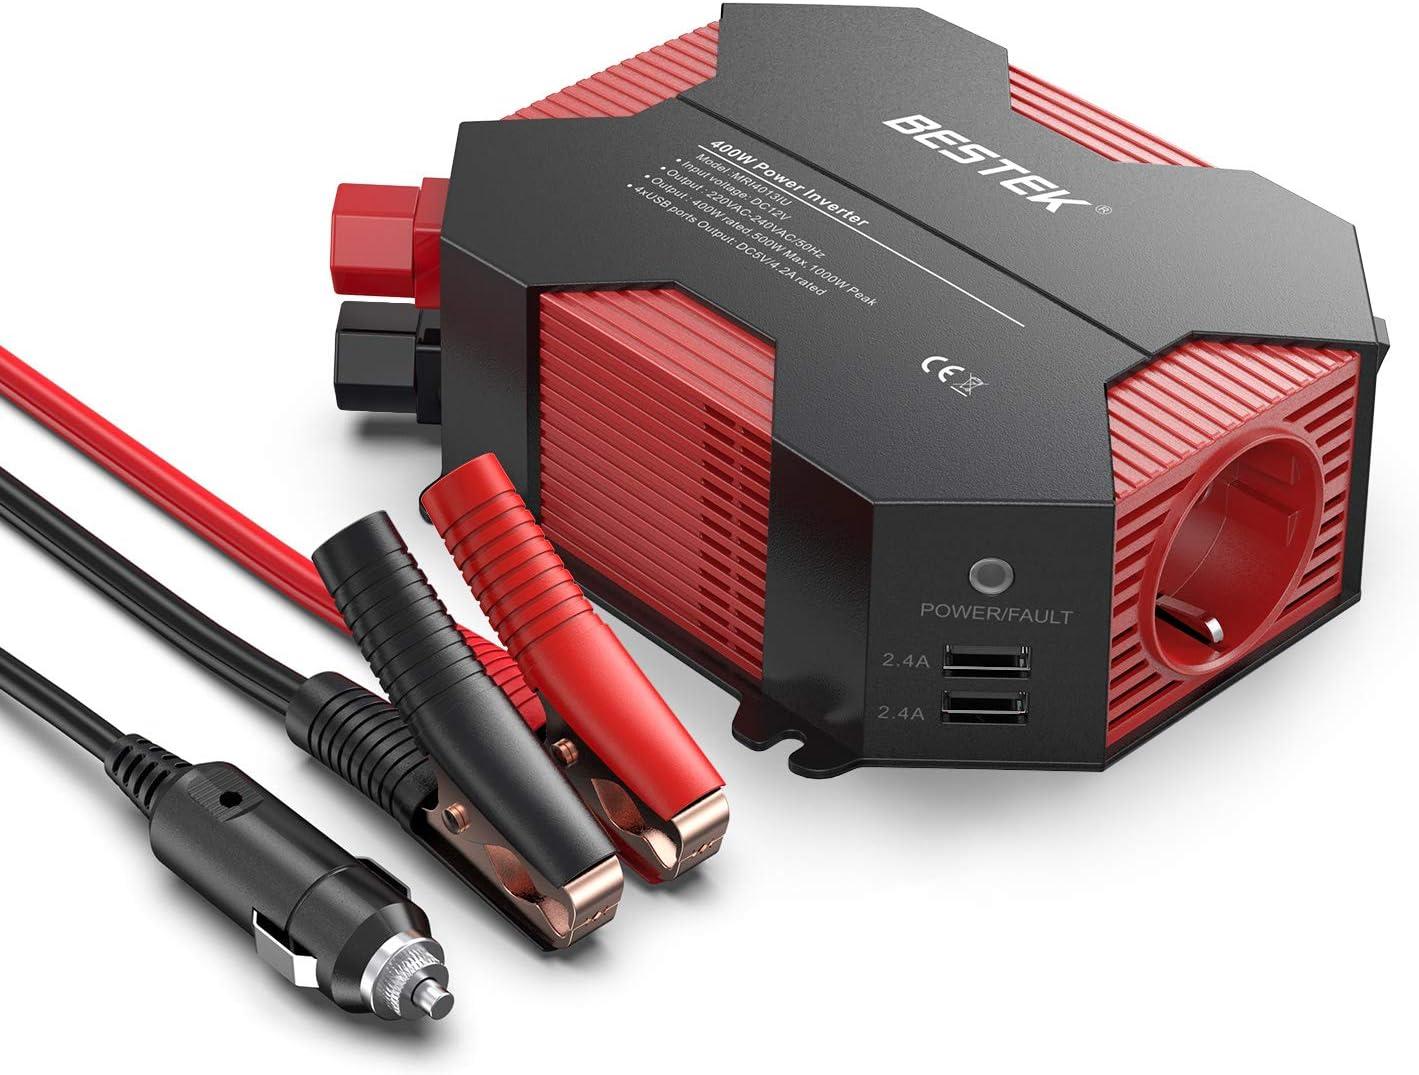 BESTEK MRI4013IU Inversor De Corriente 12v A 220v 400W, Convertidor 12v 220v Para Coche Con 4 Puertos USB Y 1 Toma 12V A 220V, Pinzas De Conexión A Batería, Adaptador De Mechero Encendedor De Coche